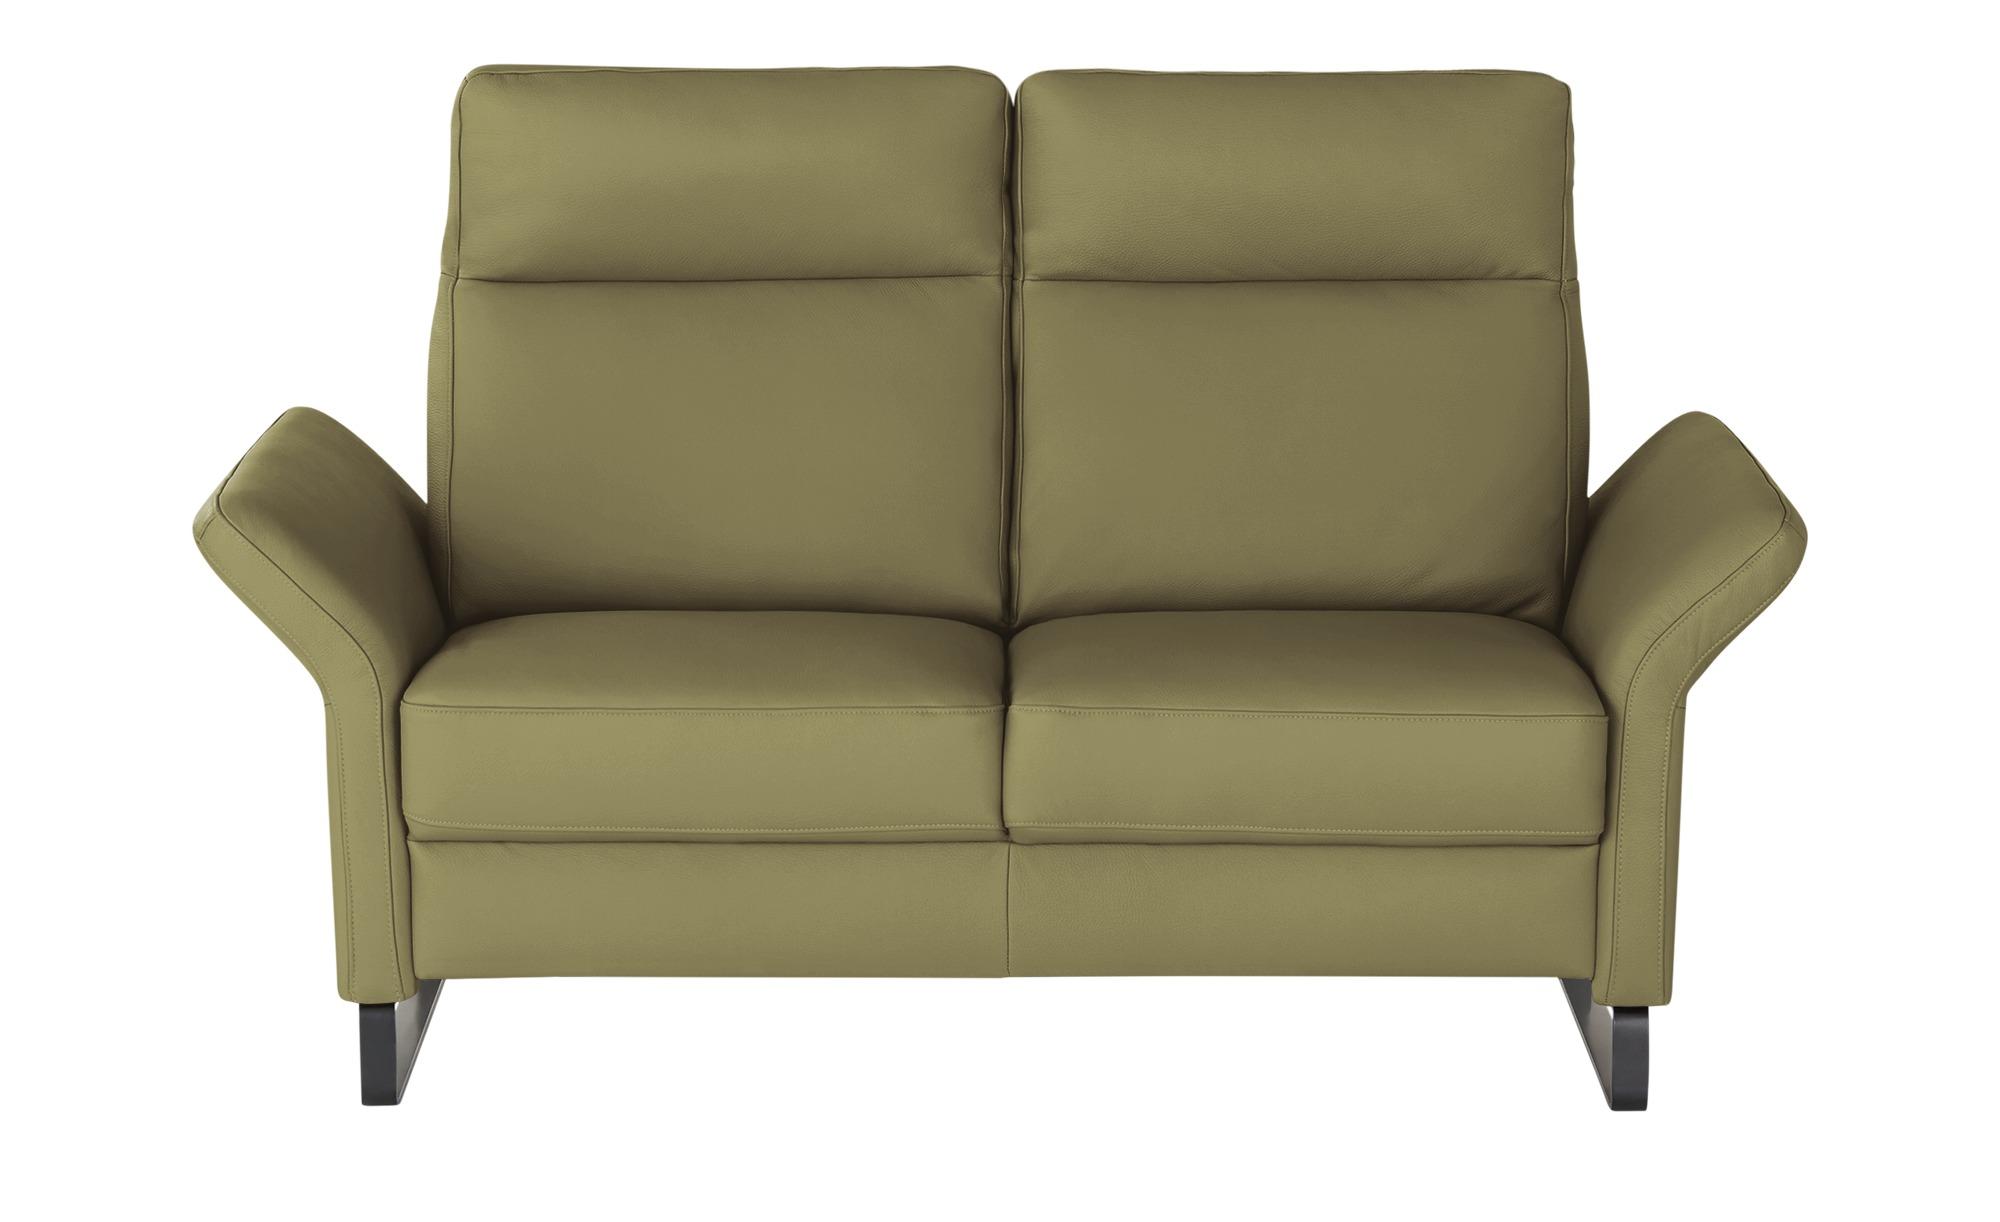 Wohnwert Einzelsofa  Anja ¦ grün ¦ Maße (cm): B: 166 H: 100 T: 90 Polstermöbel > Sofas > Einzelsofas - Höffner